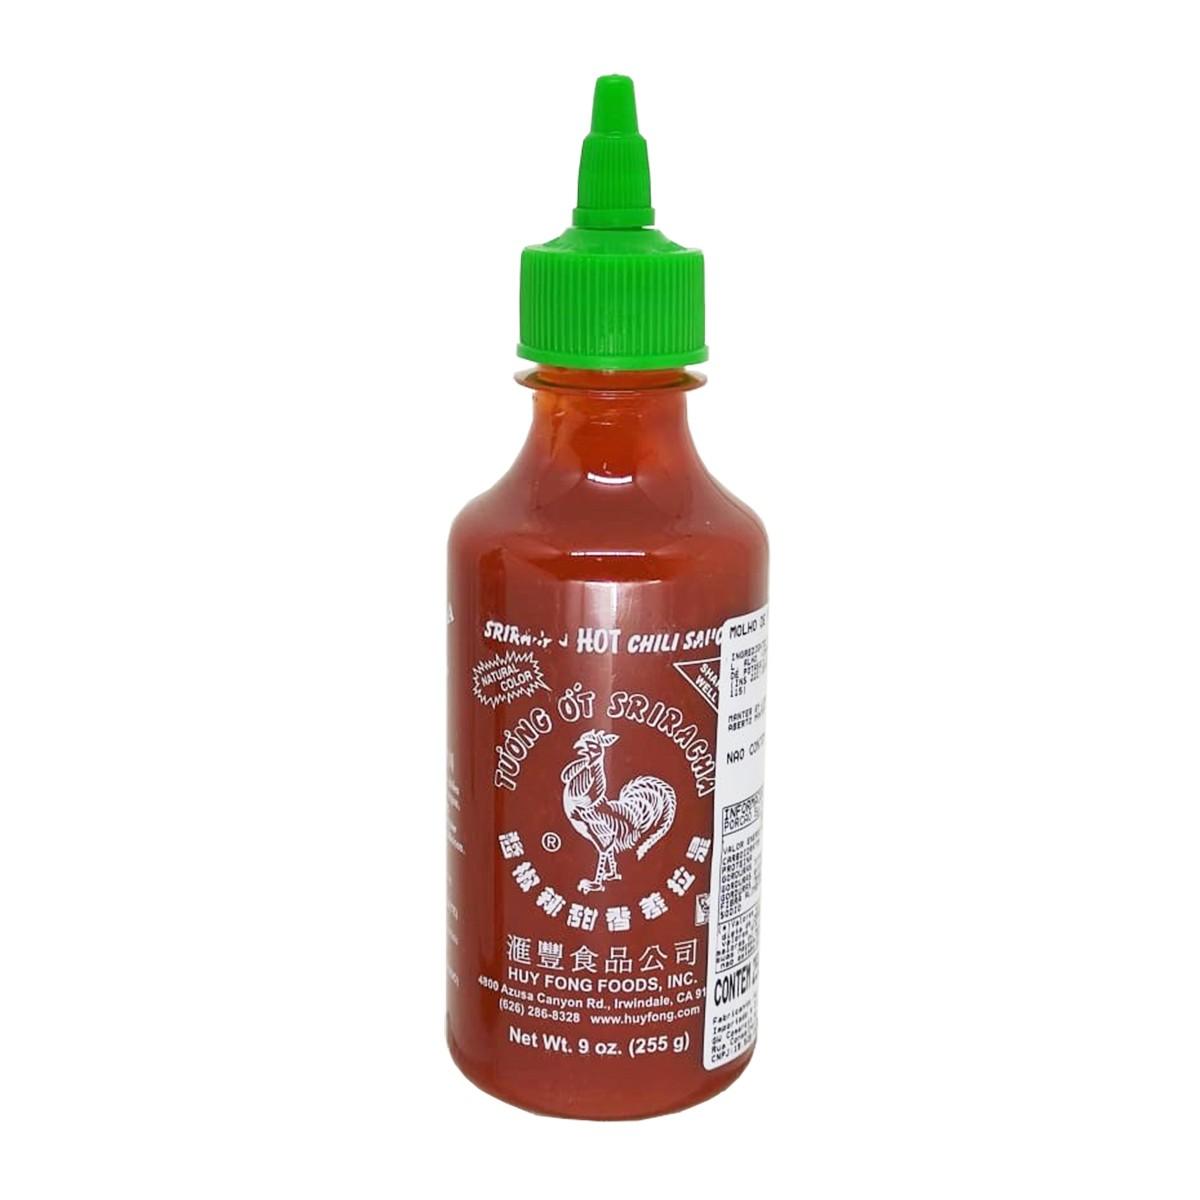 Molho de Pimenta Sriracha 255g Hyo Fong